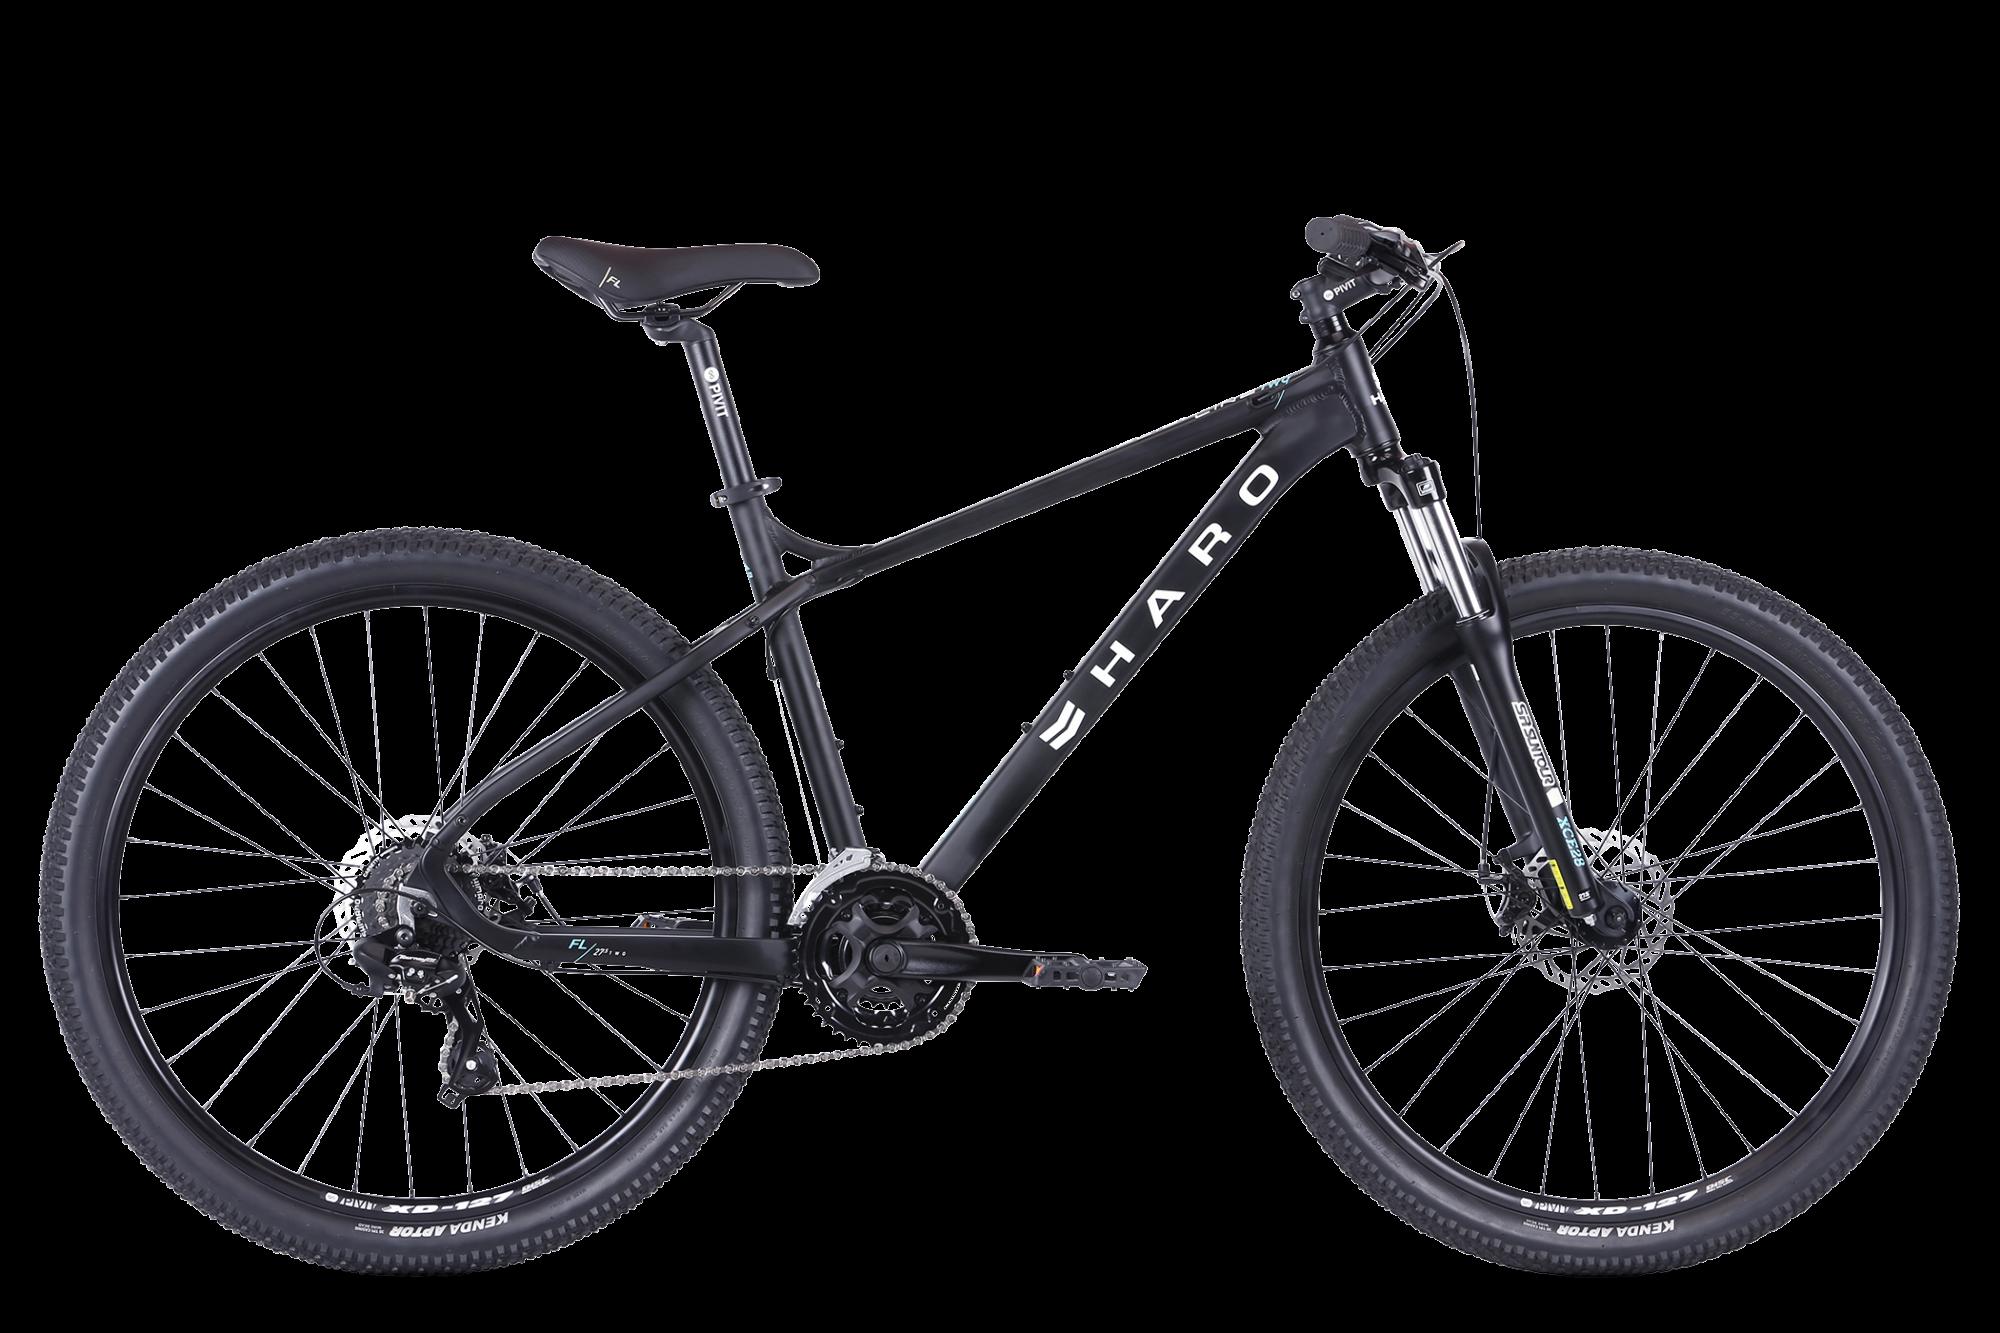 HARO FLIGHTLINE TWO 27.5 BICYCLE 2021